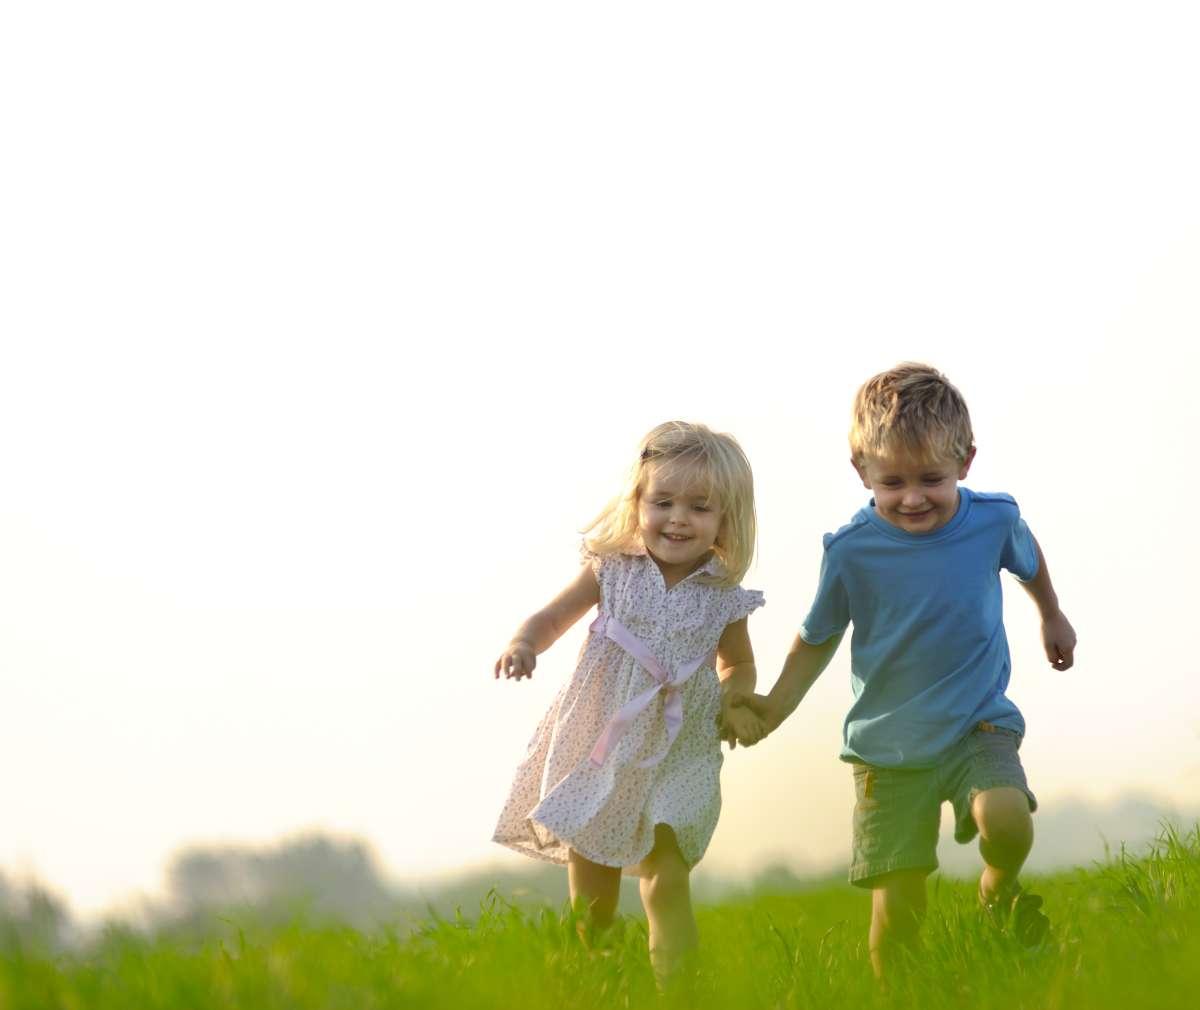 chlapček a dievčatko bežia po zelenej lúke držiac sa za ruky